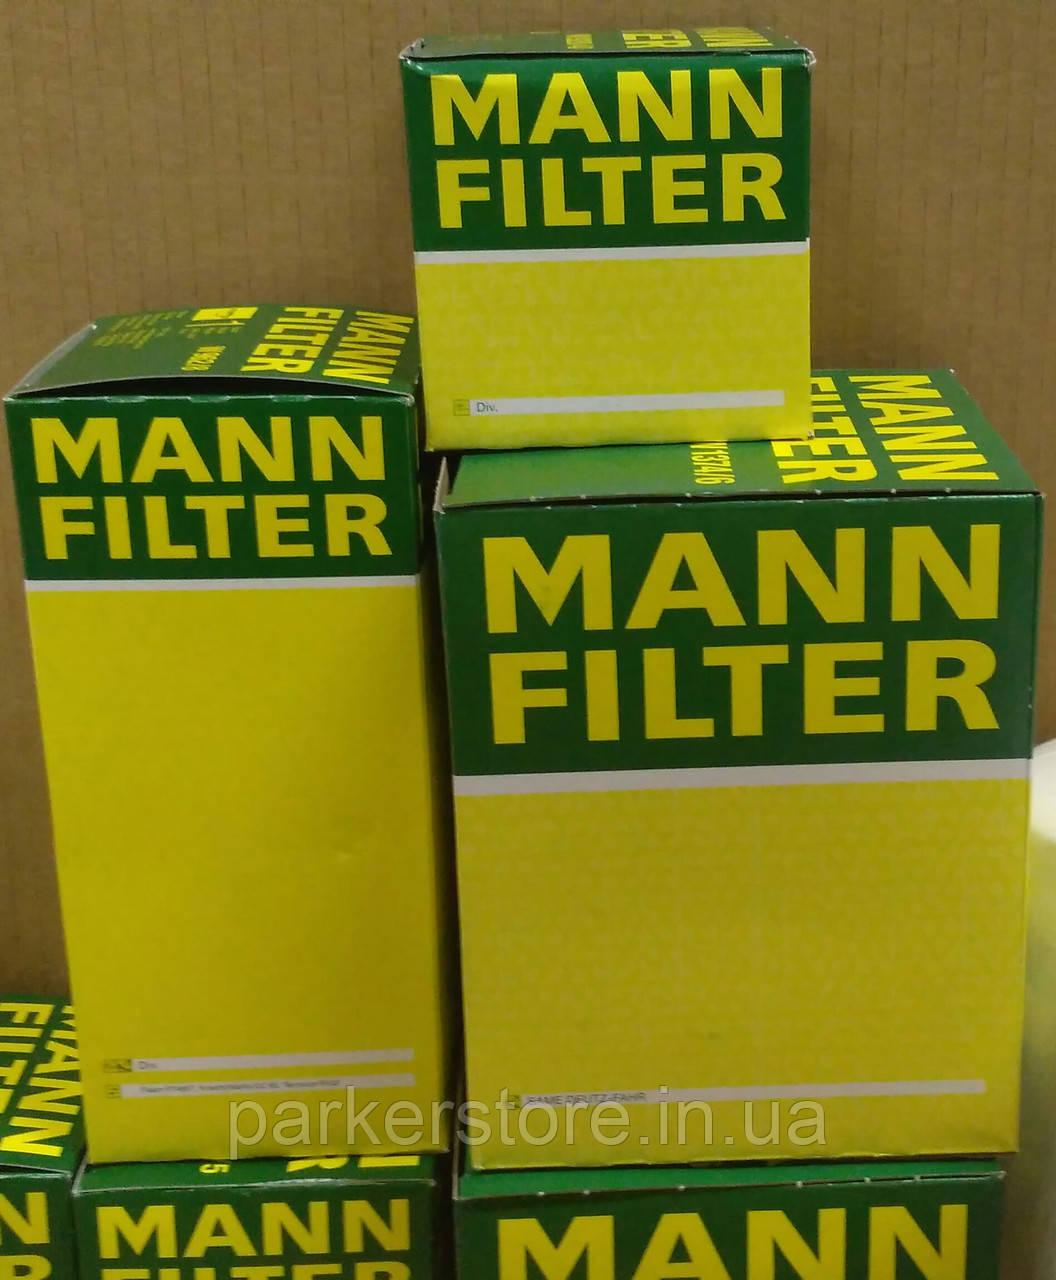 MANN FILTER / Повітряний фільтр / C 23 800 / C23800